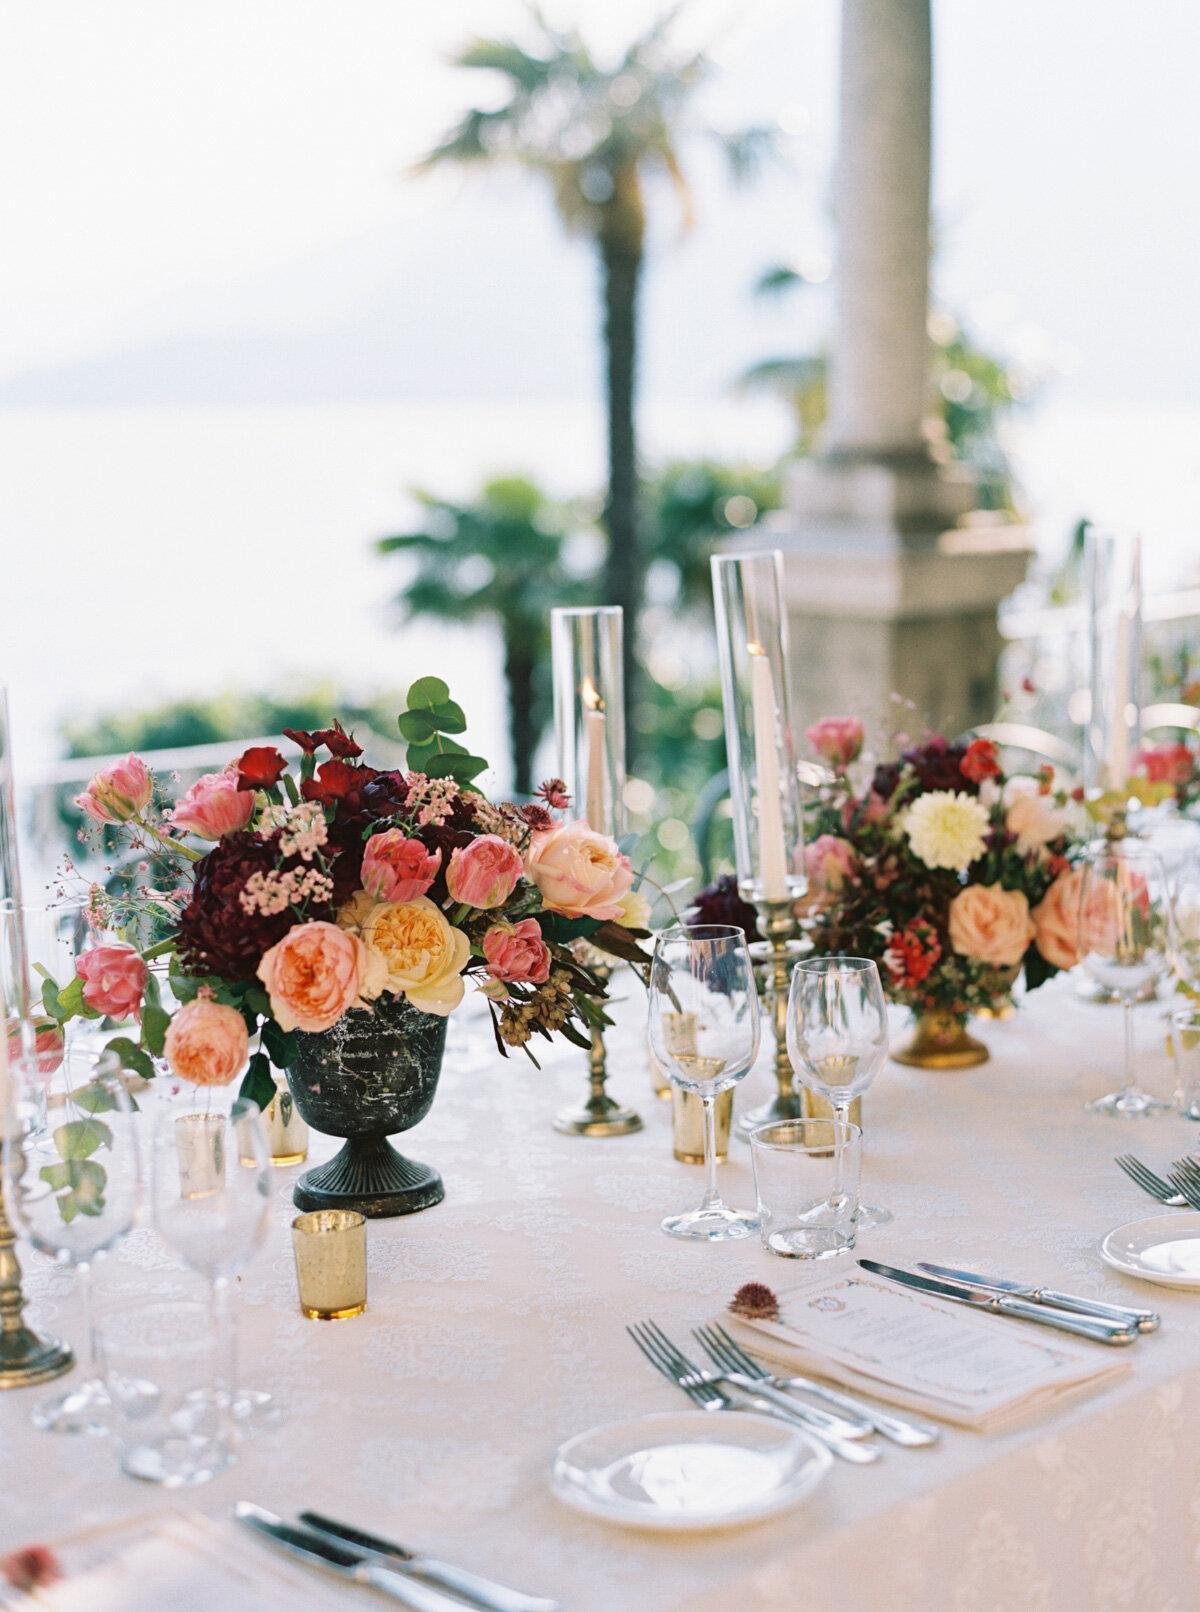 Lake-Como-Villa-Cipressi-Wedding-Katie-Grant-destination-wedding (73 of 93).jpg